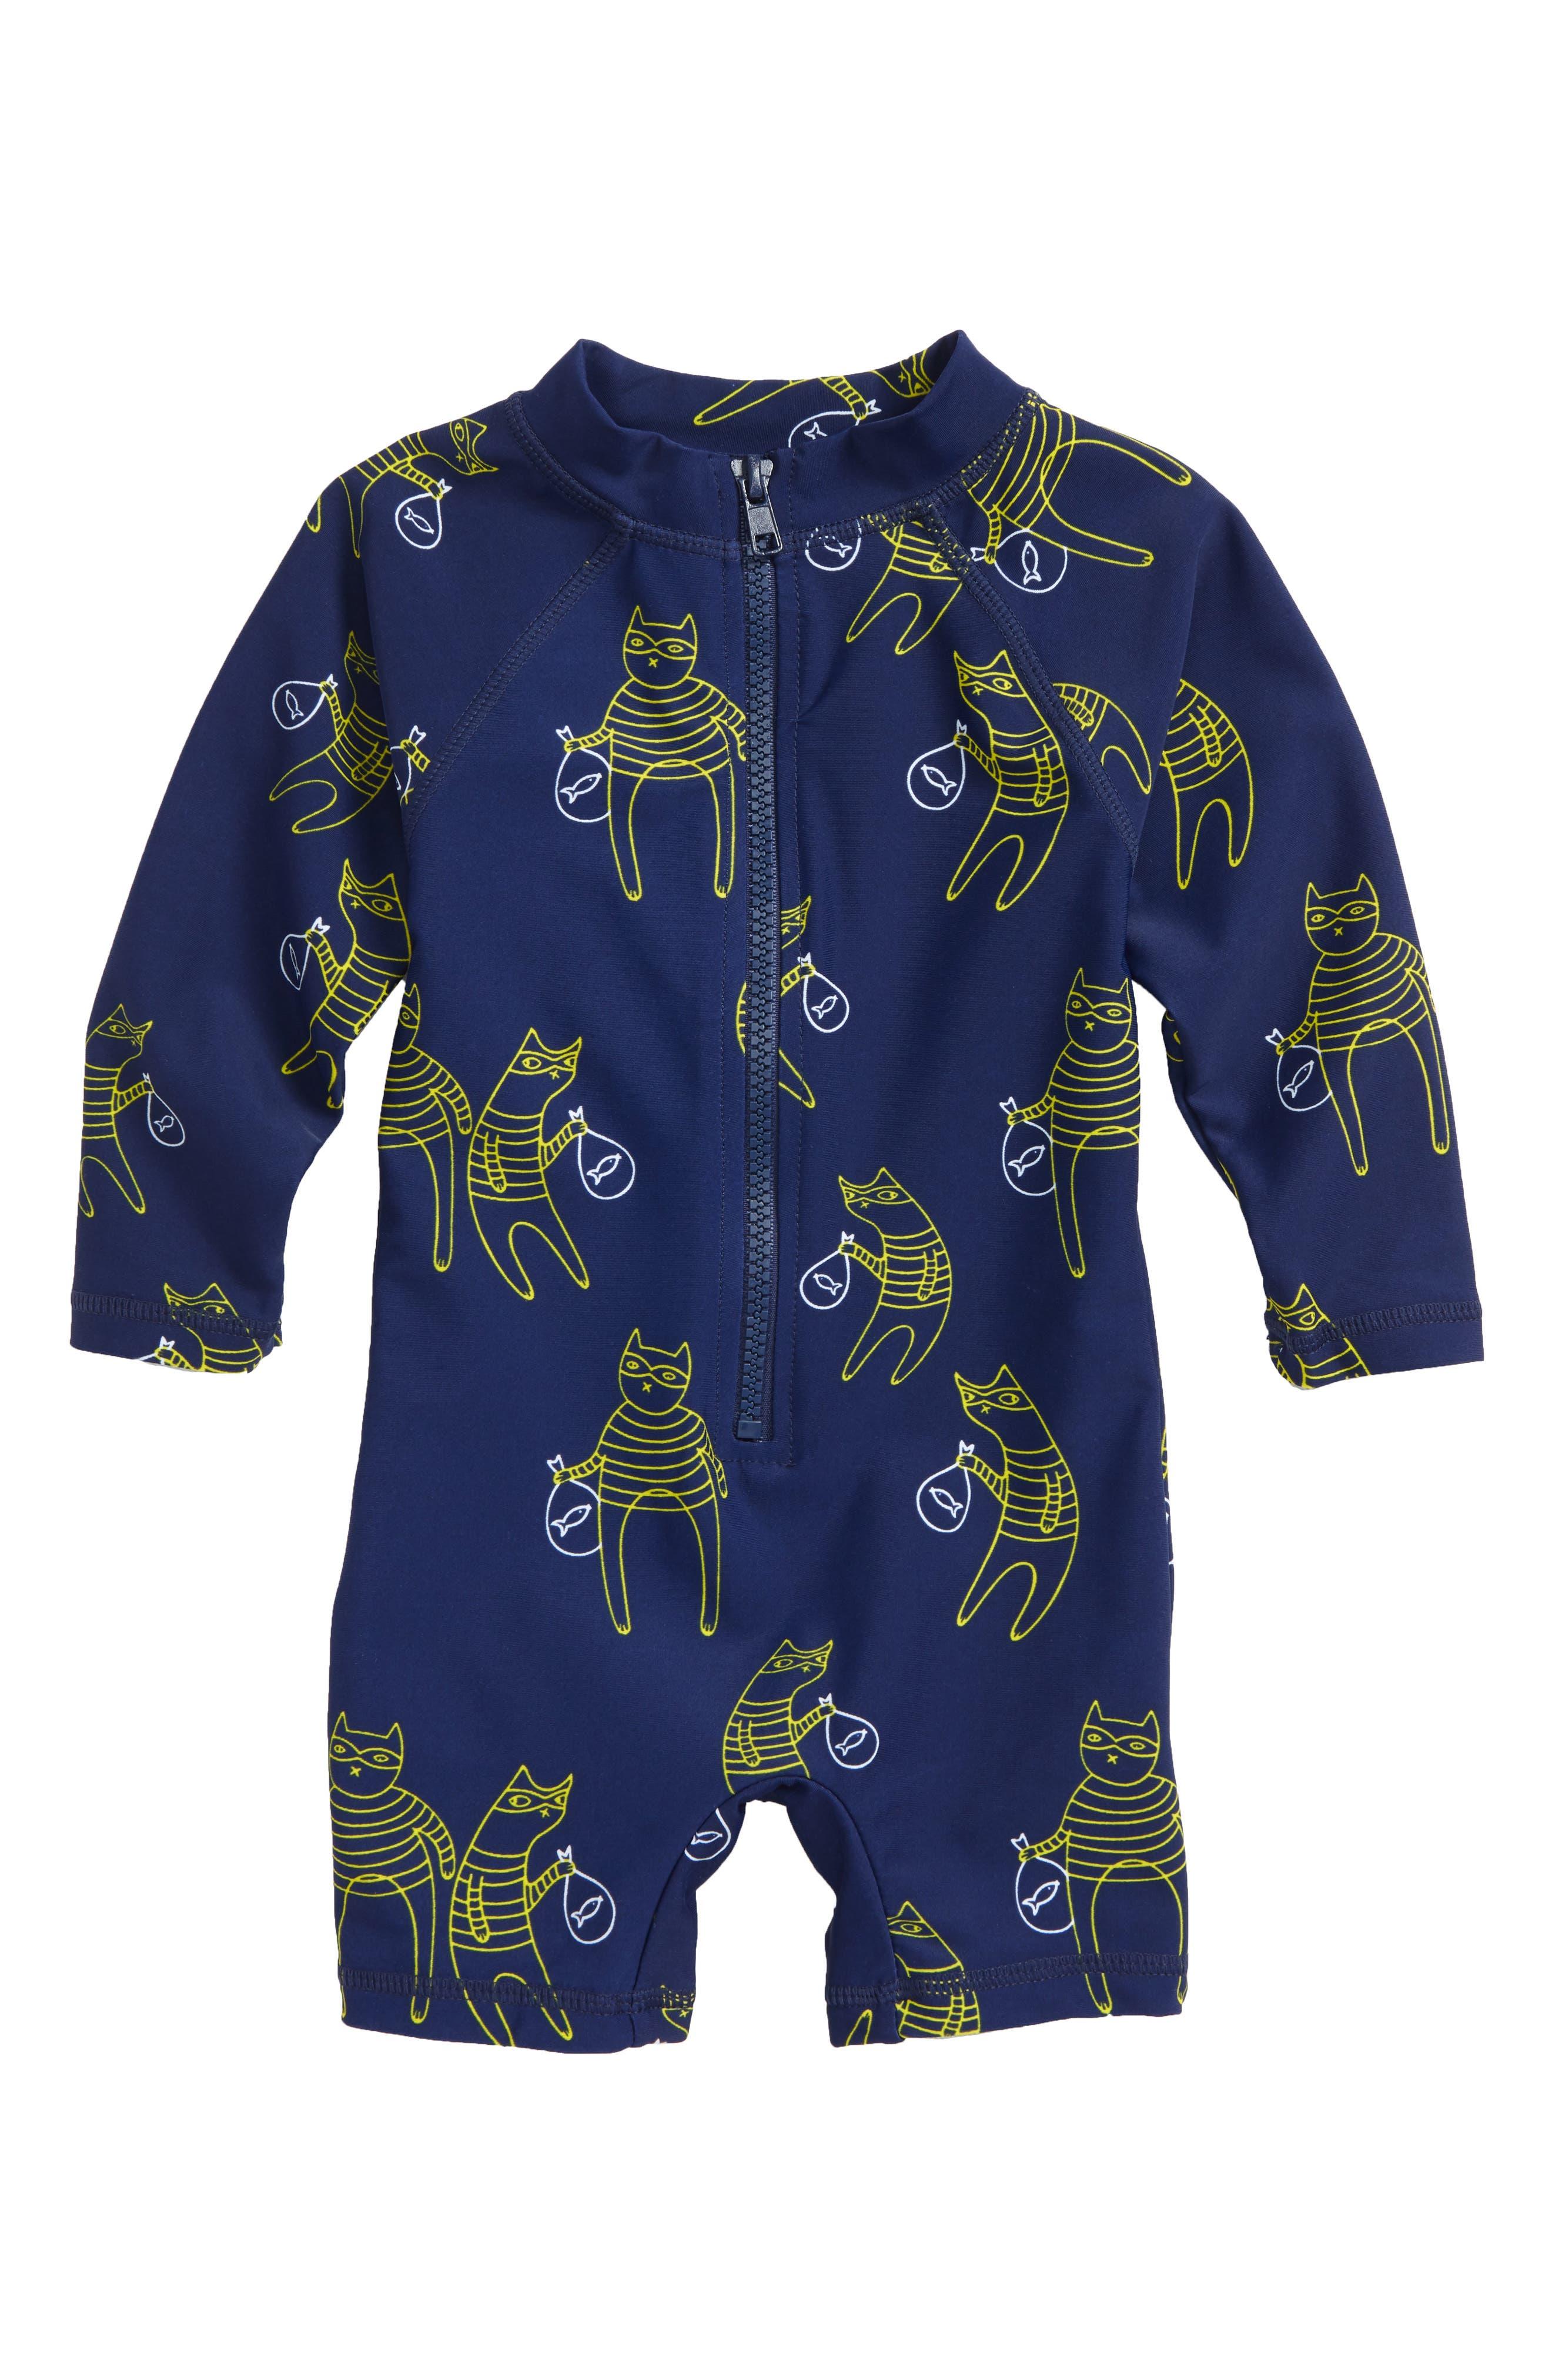 Cat Bandit One-Piece Rashgaurd Swimsuit,                             Main thumbnail 1, color,                             415